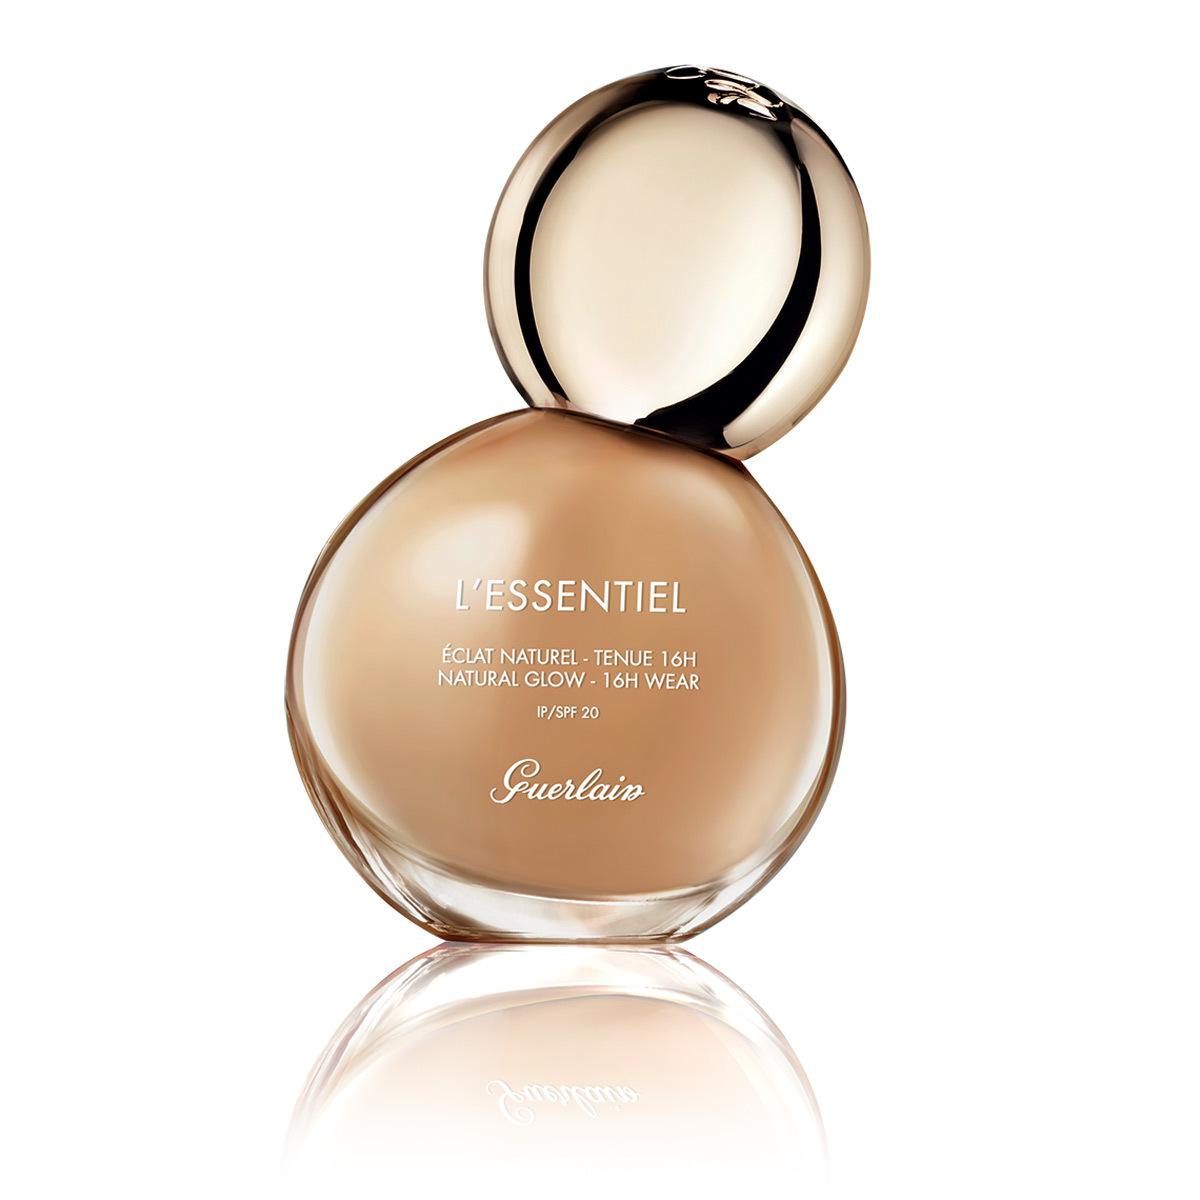 Base de maquillaje L'Essentiel de Guerlain.